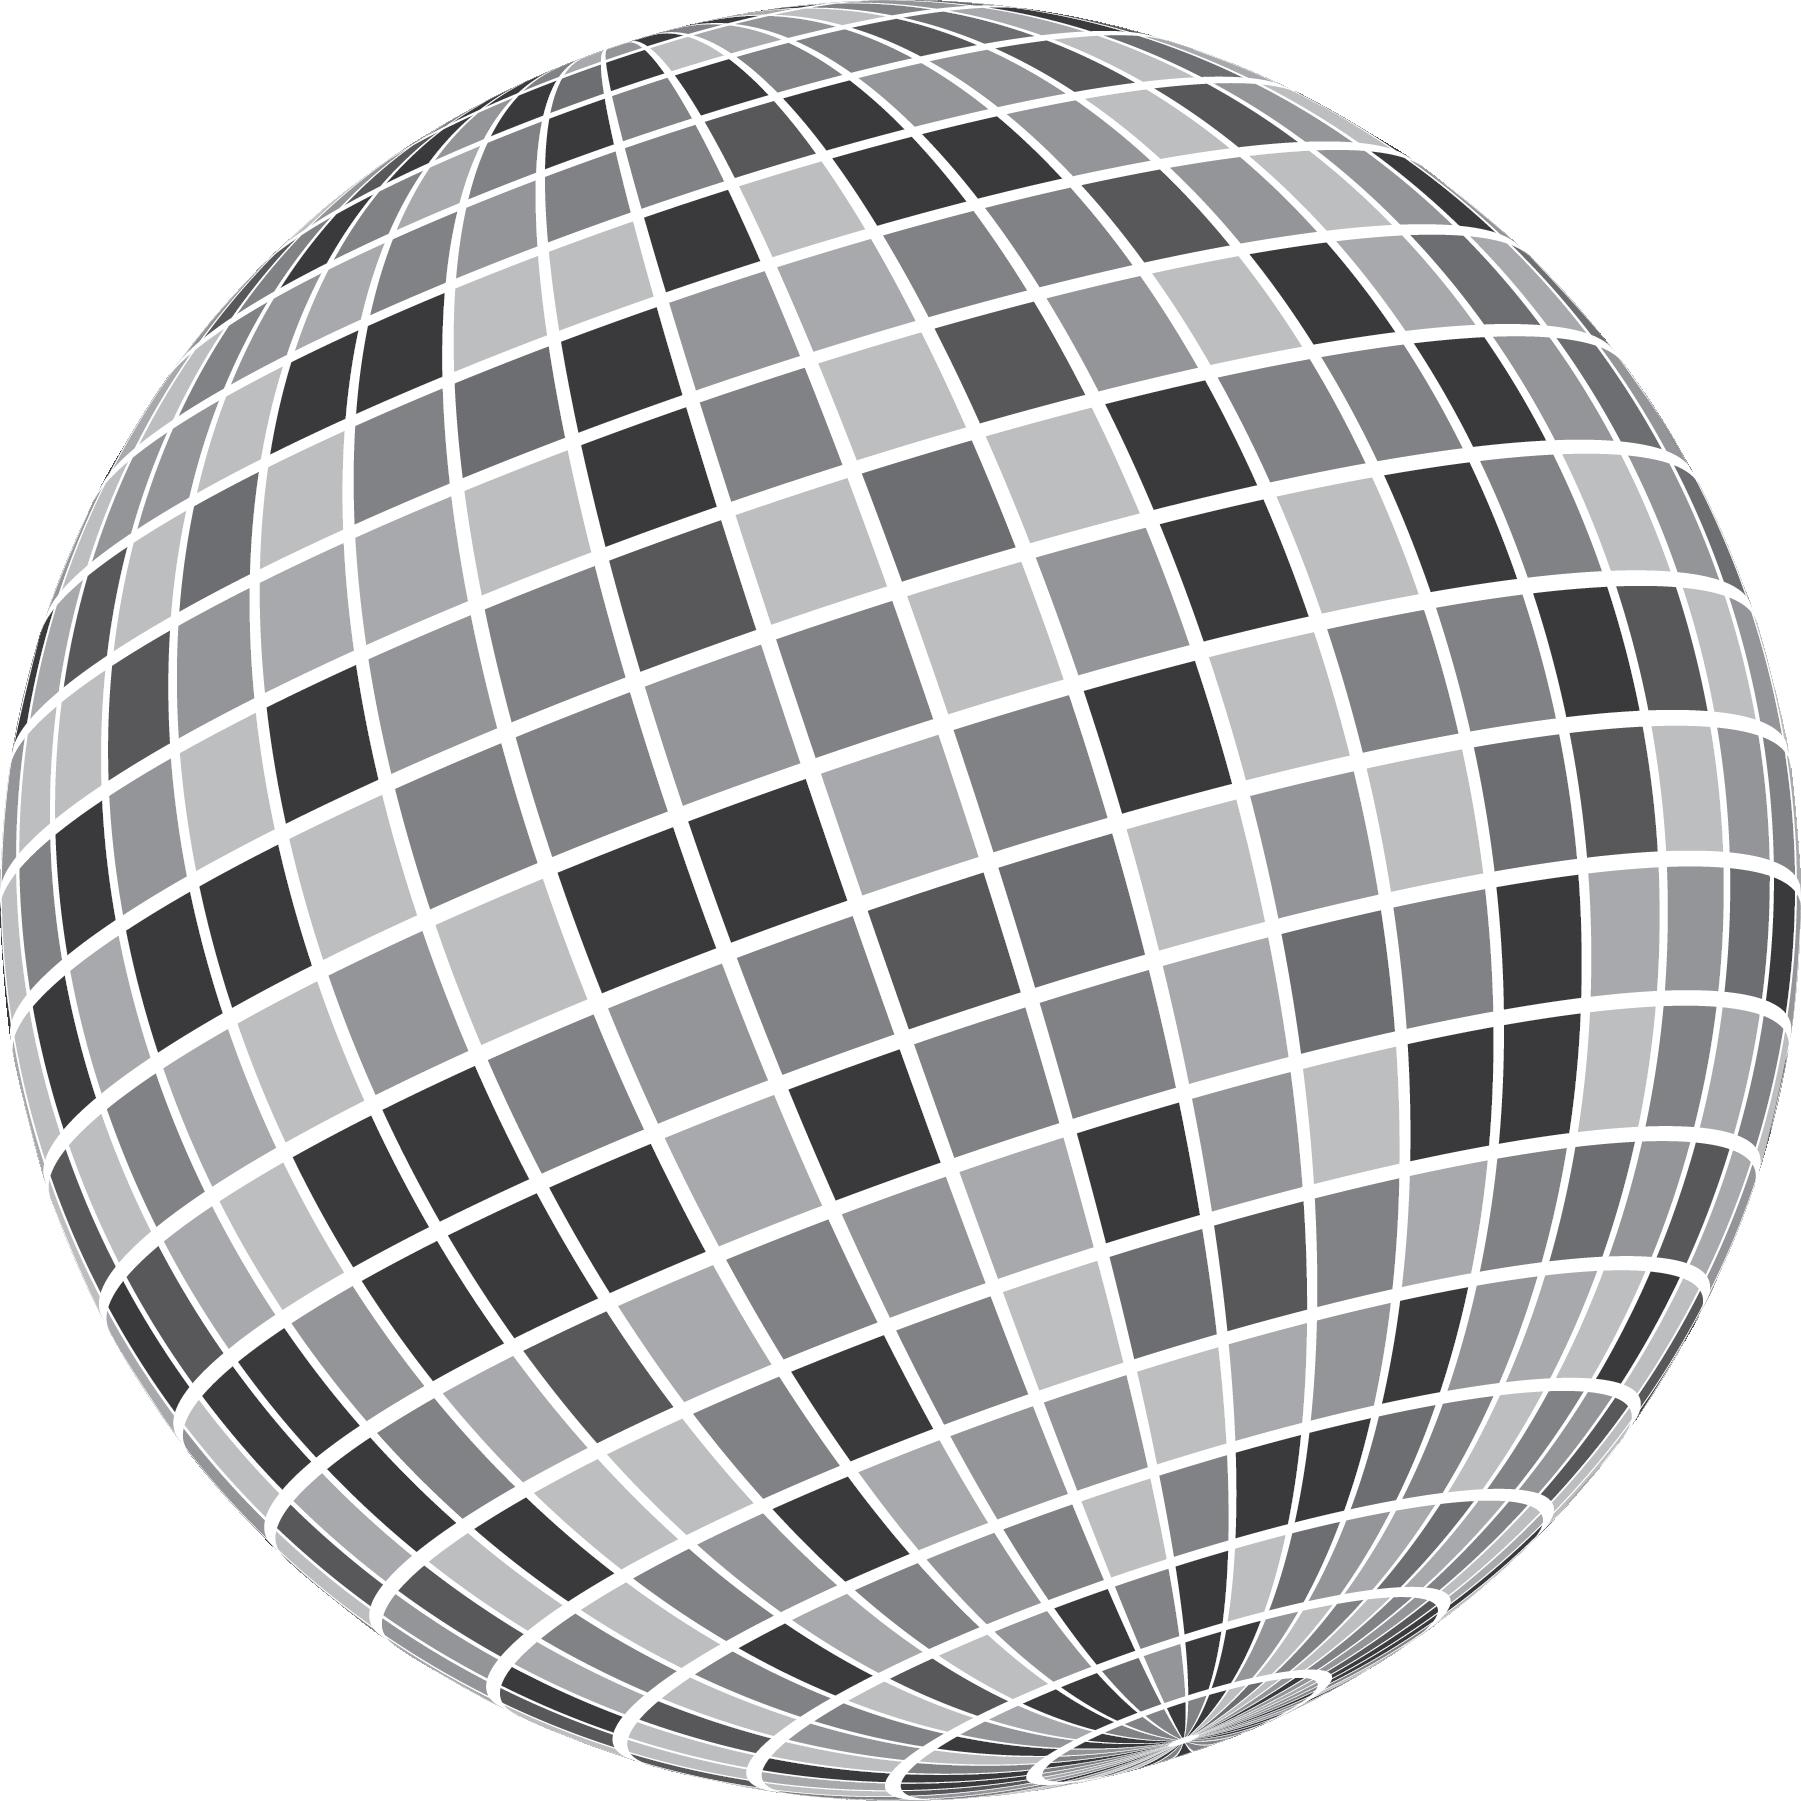 disco ball drawing disco ball drawing disco ball [ 1801 x 1801 Pixel ]